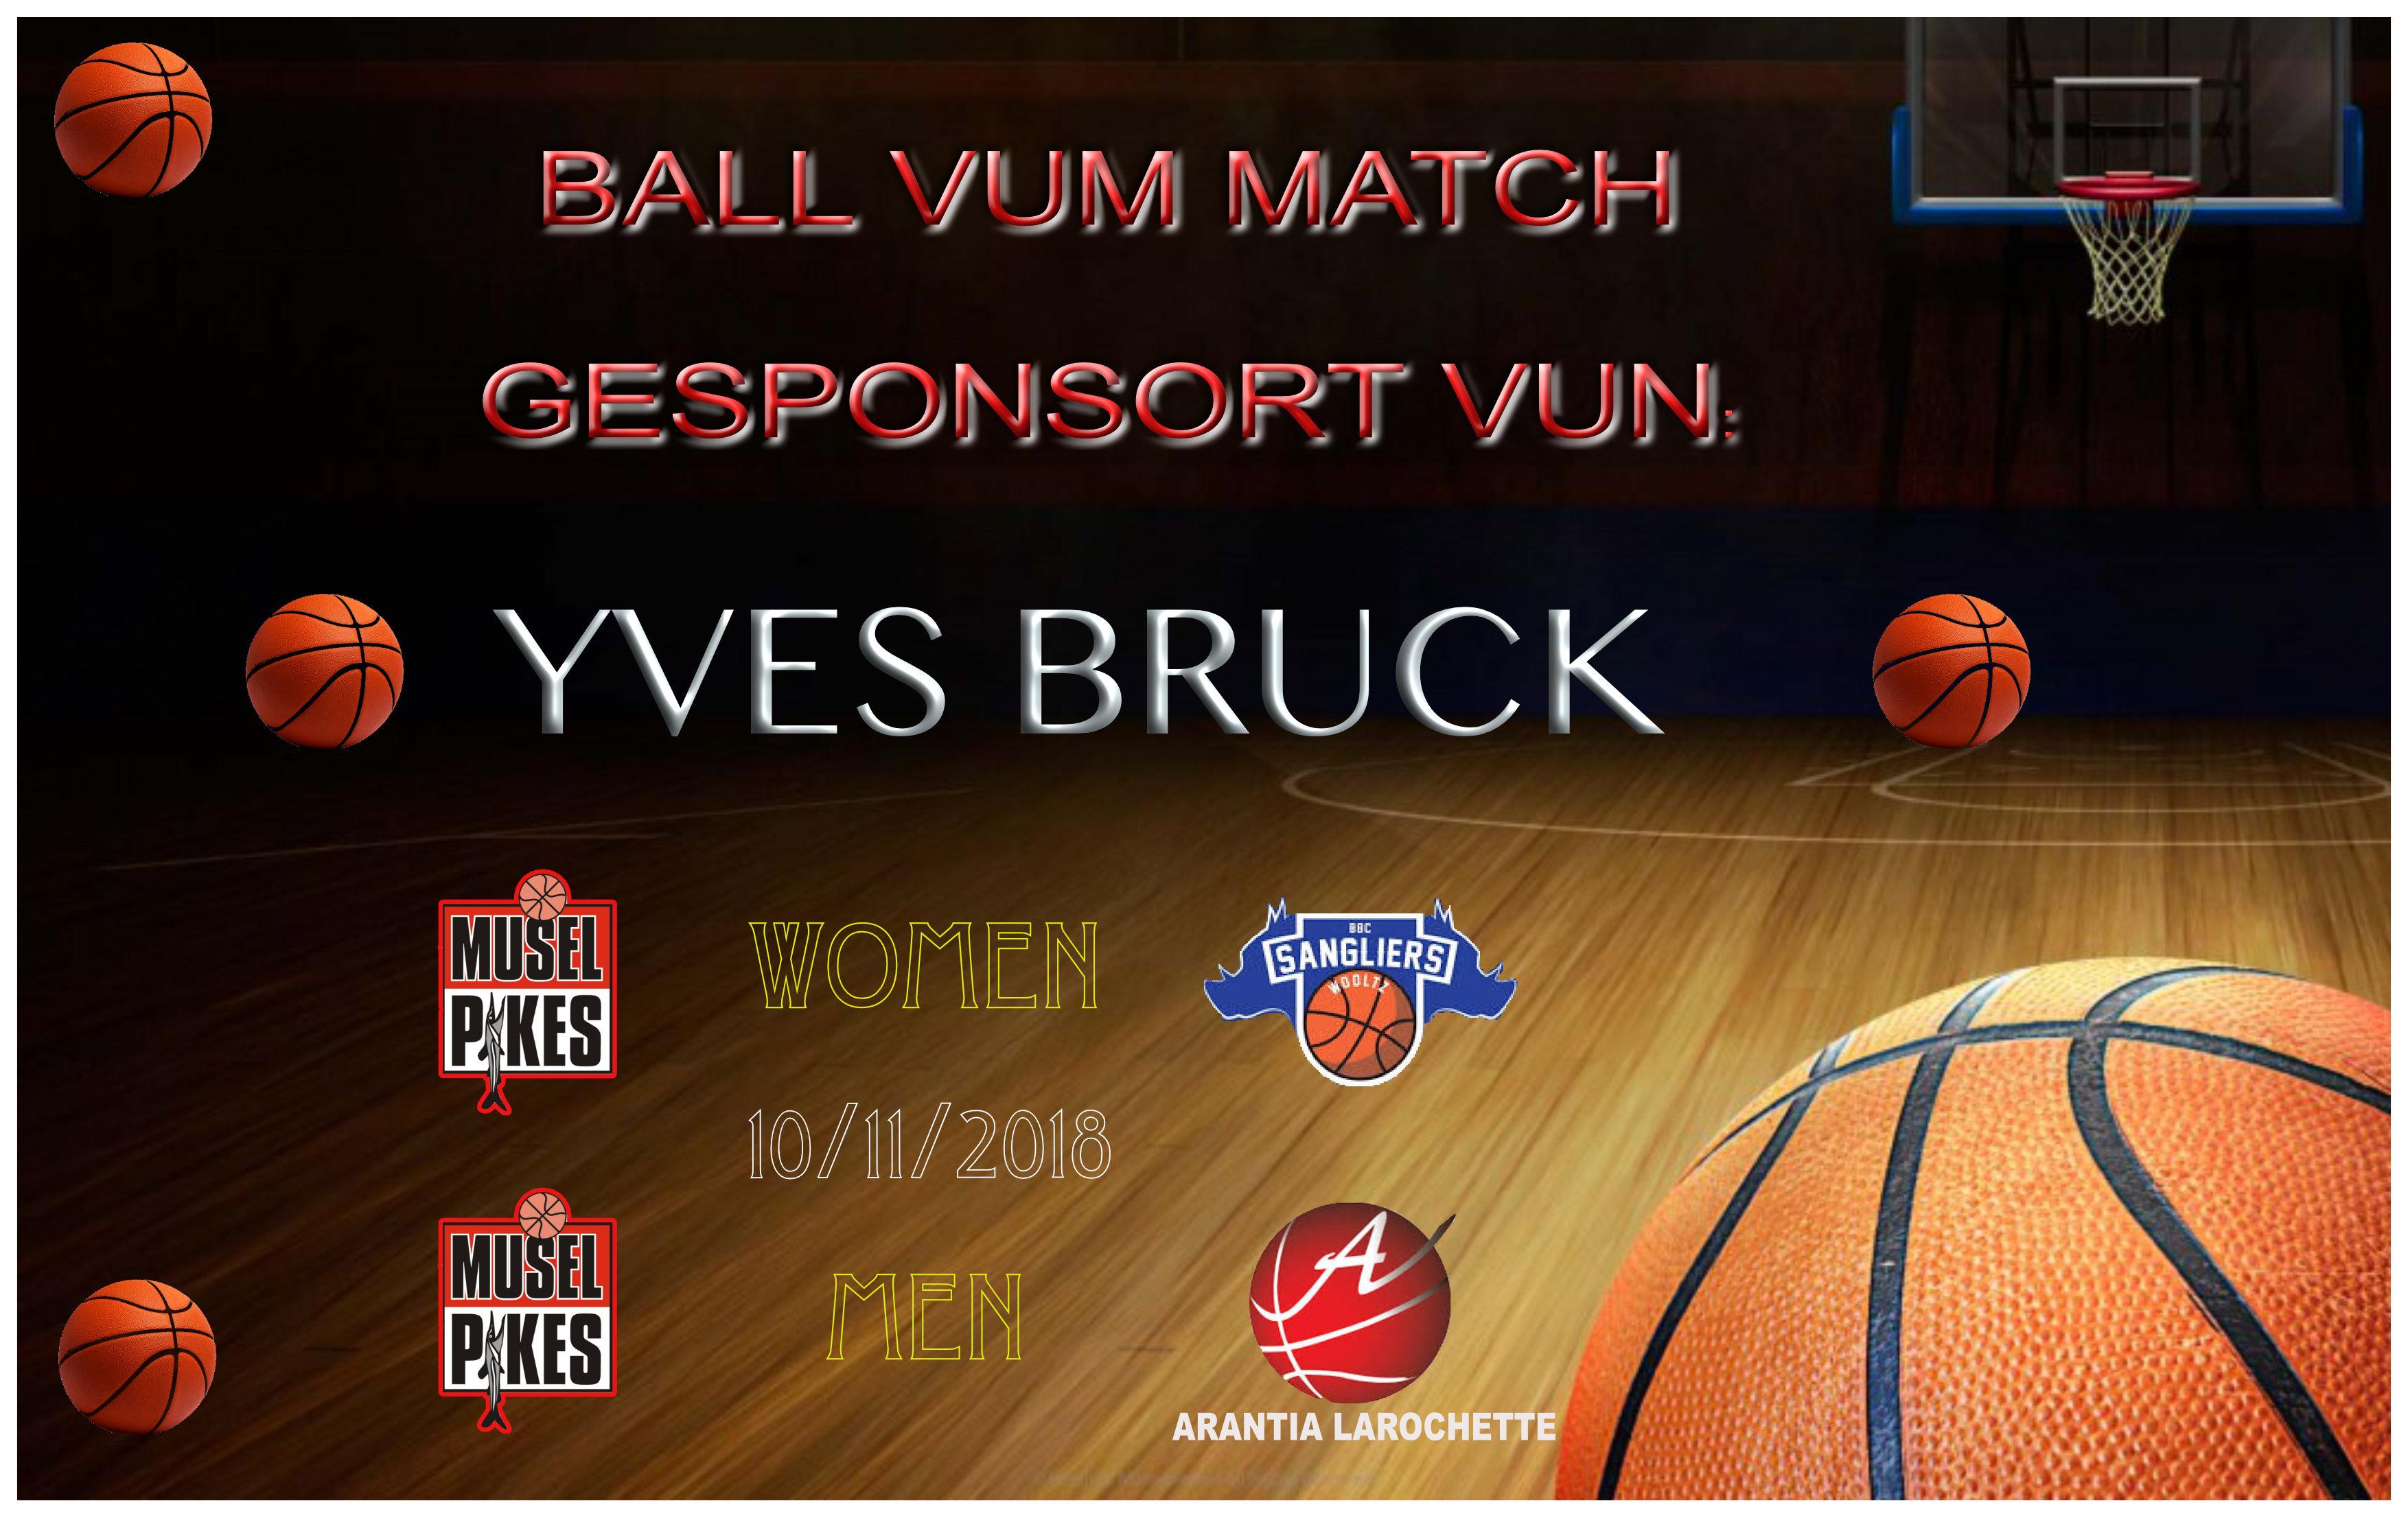 10/11/18 Ball vum Match: YVES BRUCK